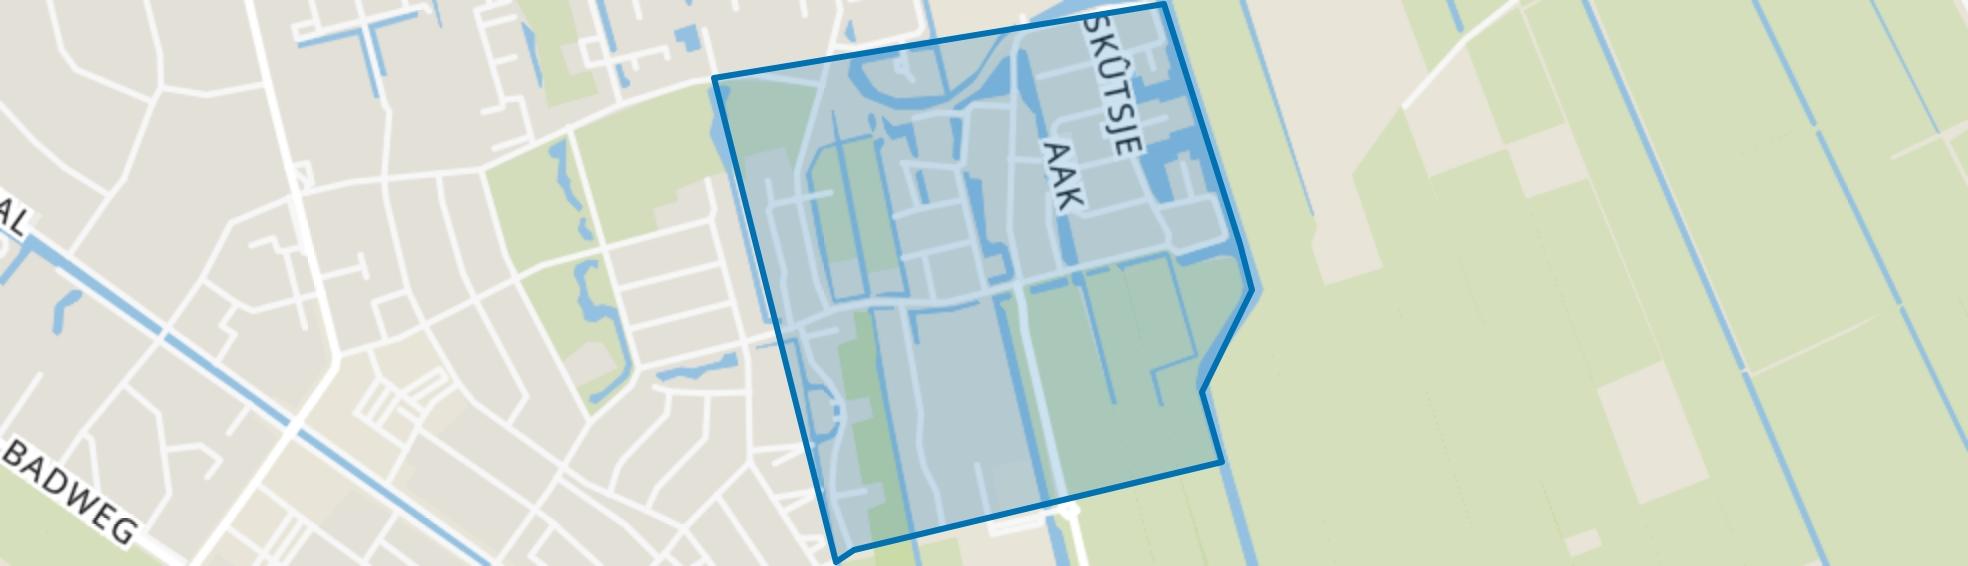 Gorredijk-Loevestein, Gorredijk map